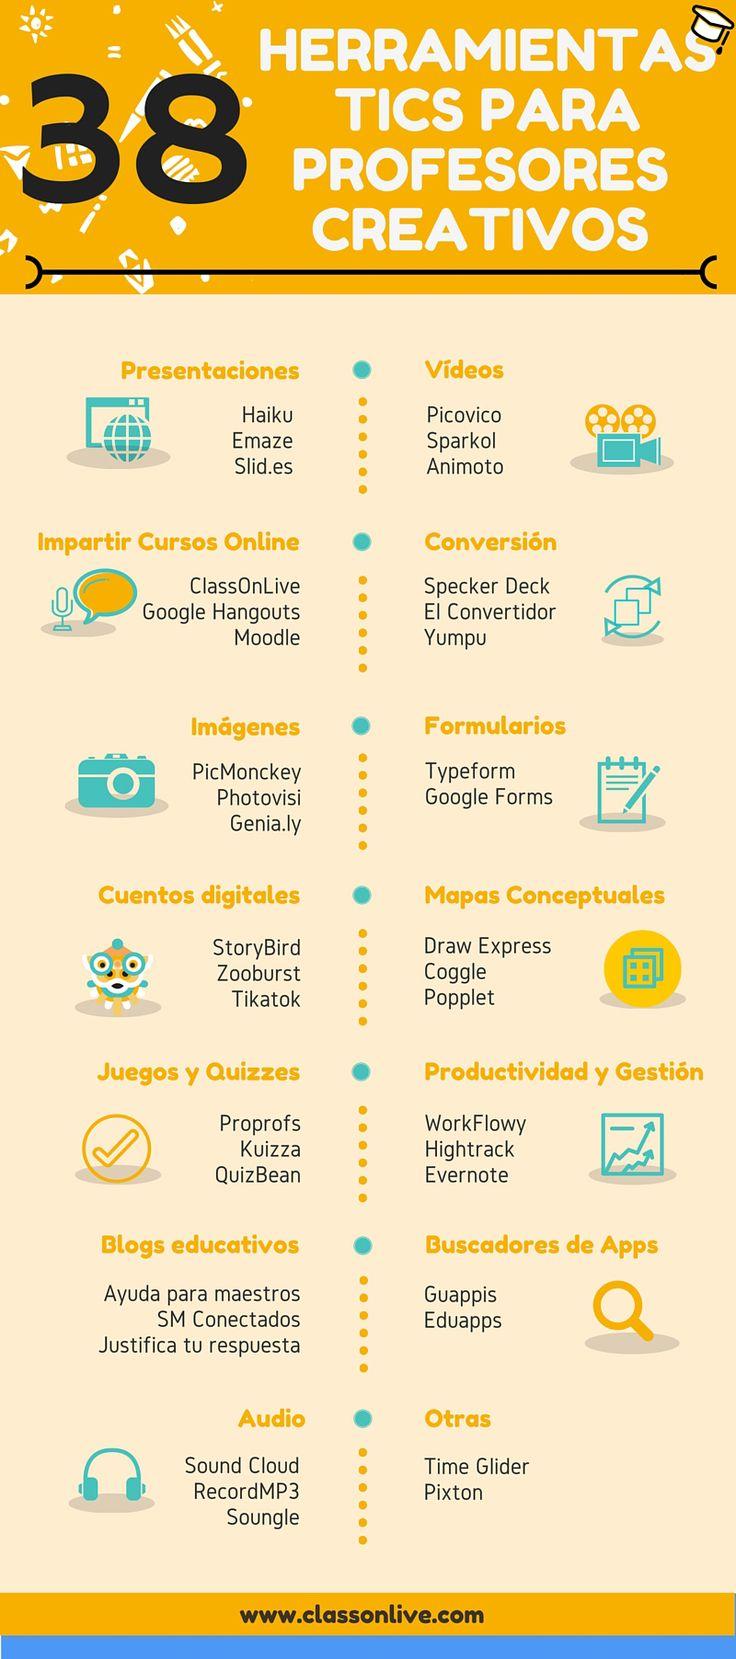 Infografía con 38 herramientas TIC para profesores creativos.